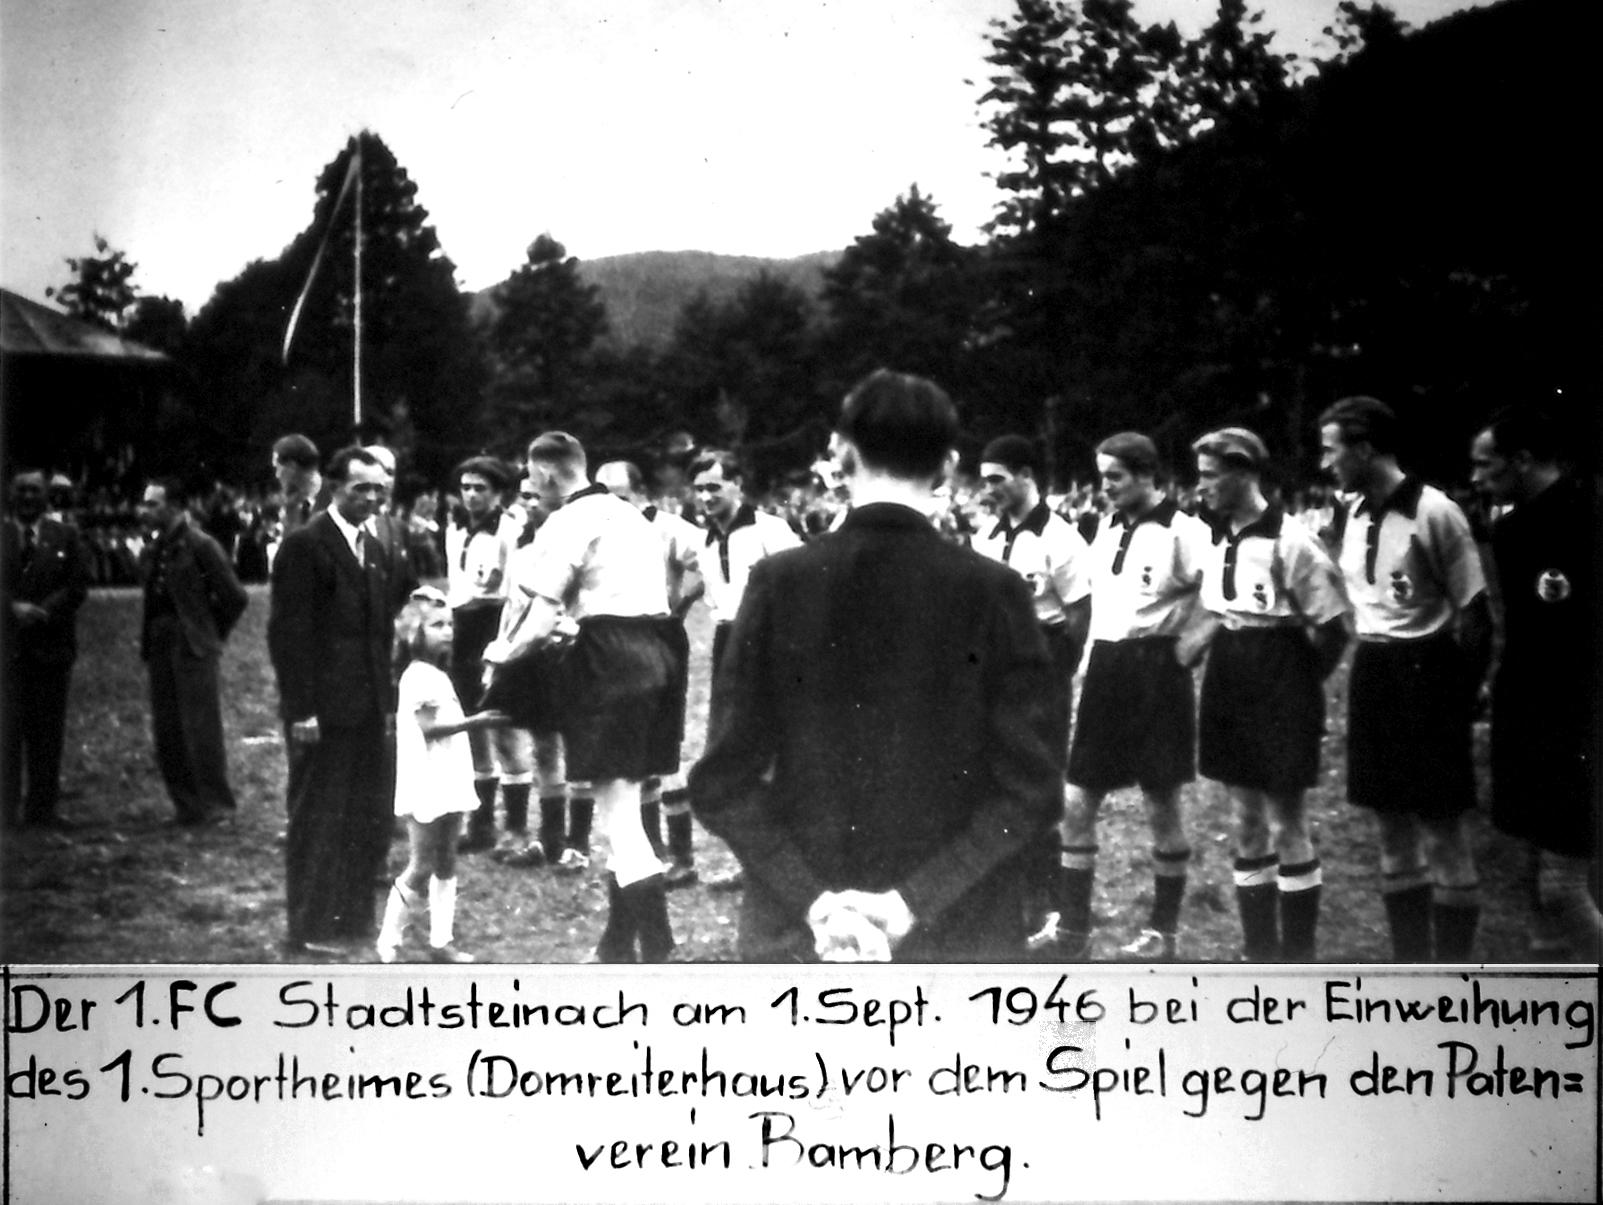 Eröffnungsspiel 01.09.1946